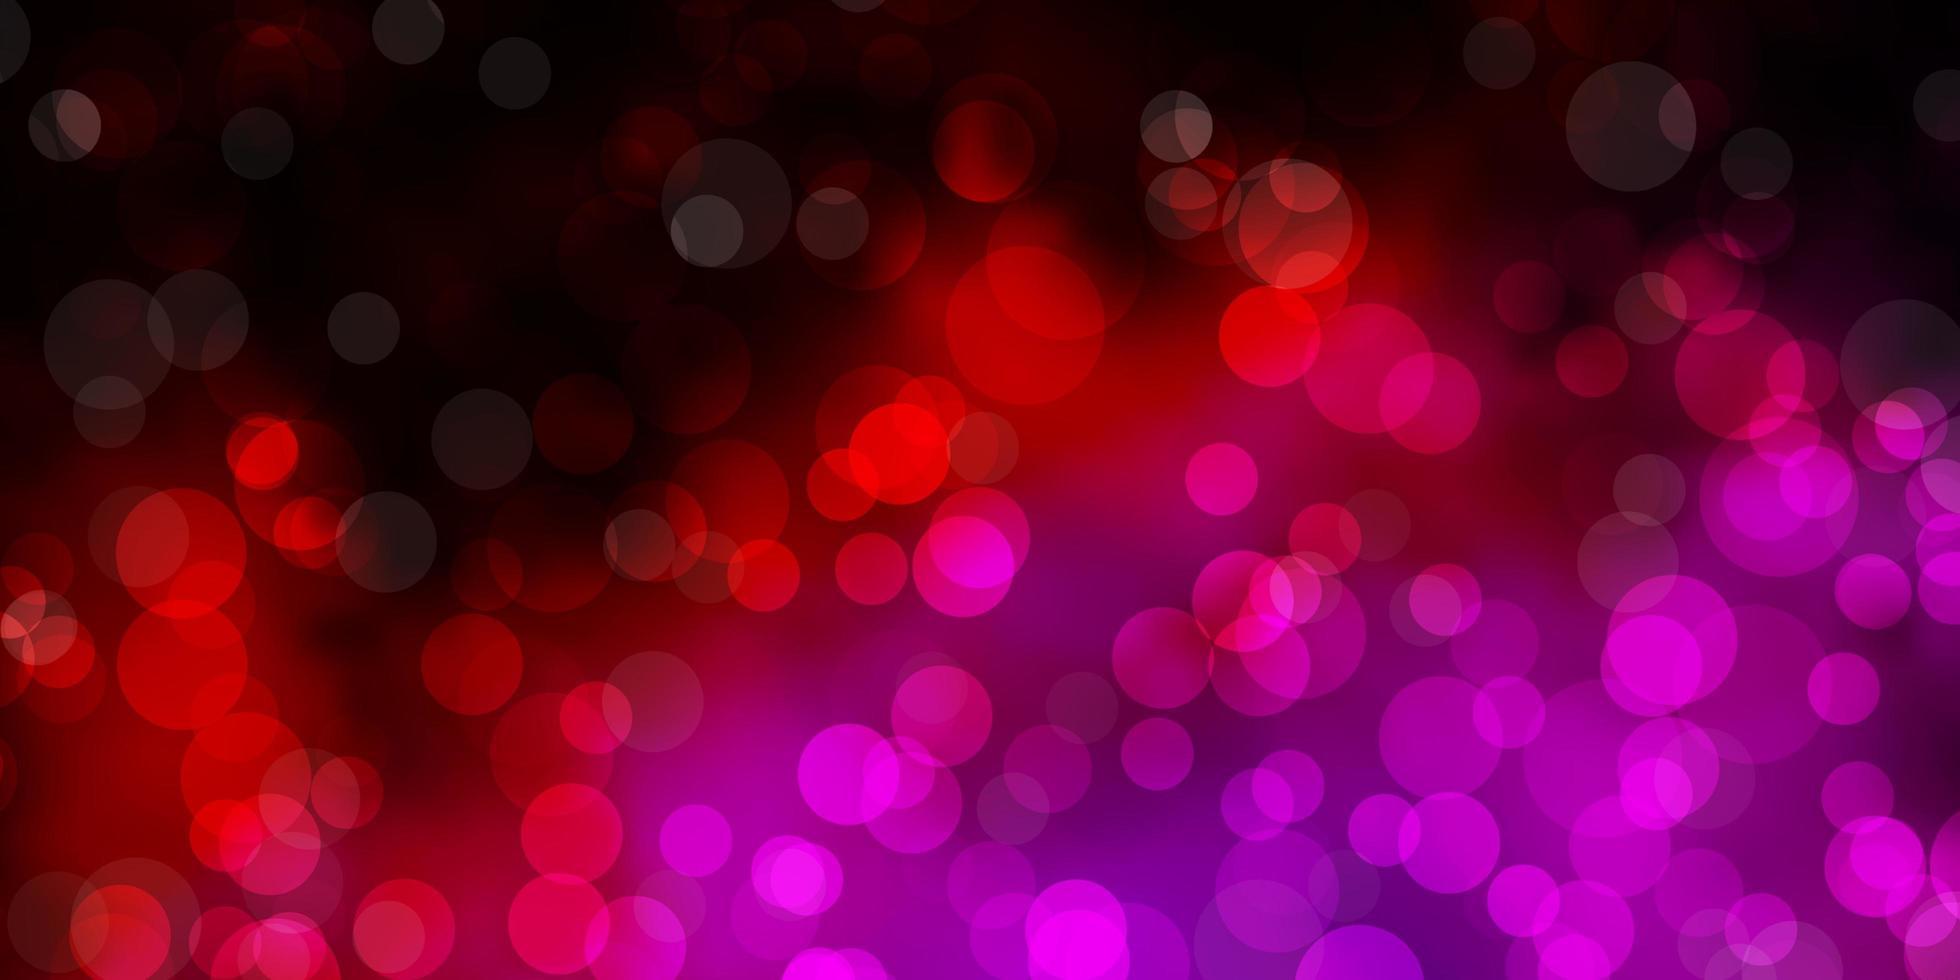 mörkrosa vektorbakgrund med prickar. vektor